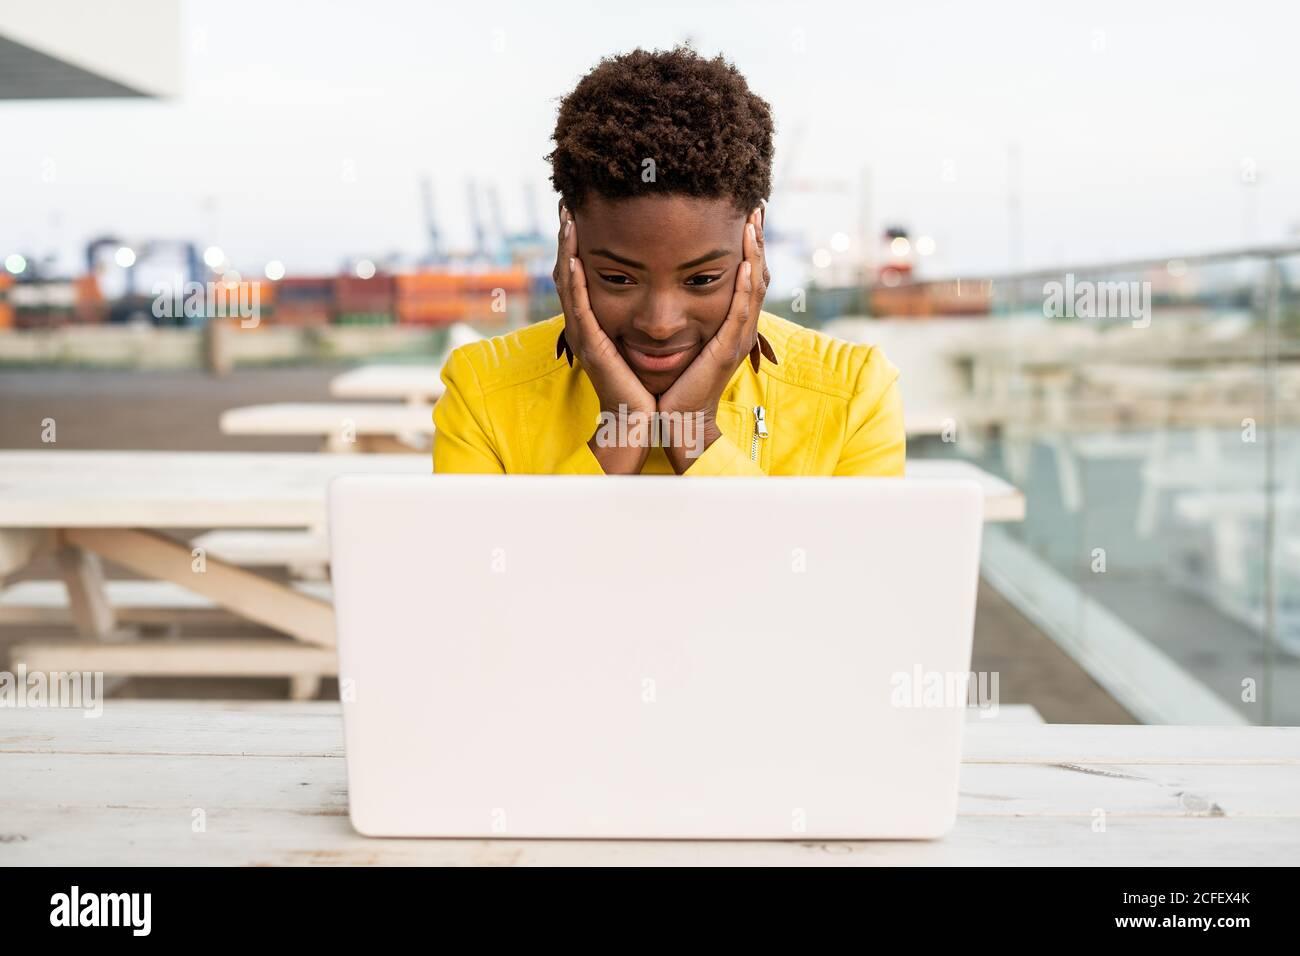 Cara sorprendida de una mujer negra afroamericana con chaqueta amarilla usando un ordenador portátil en un escritorio de madera en la ciudad sobre fondo borroso Foto de stock